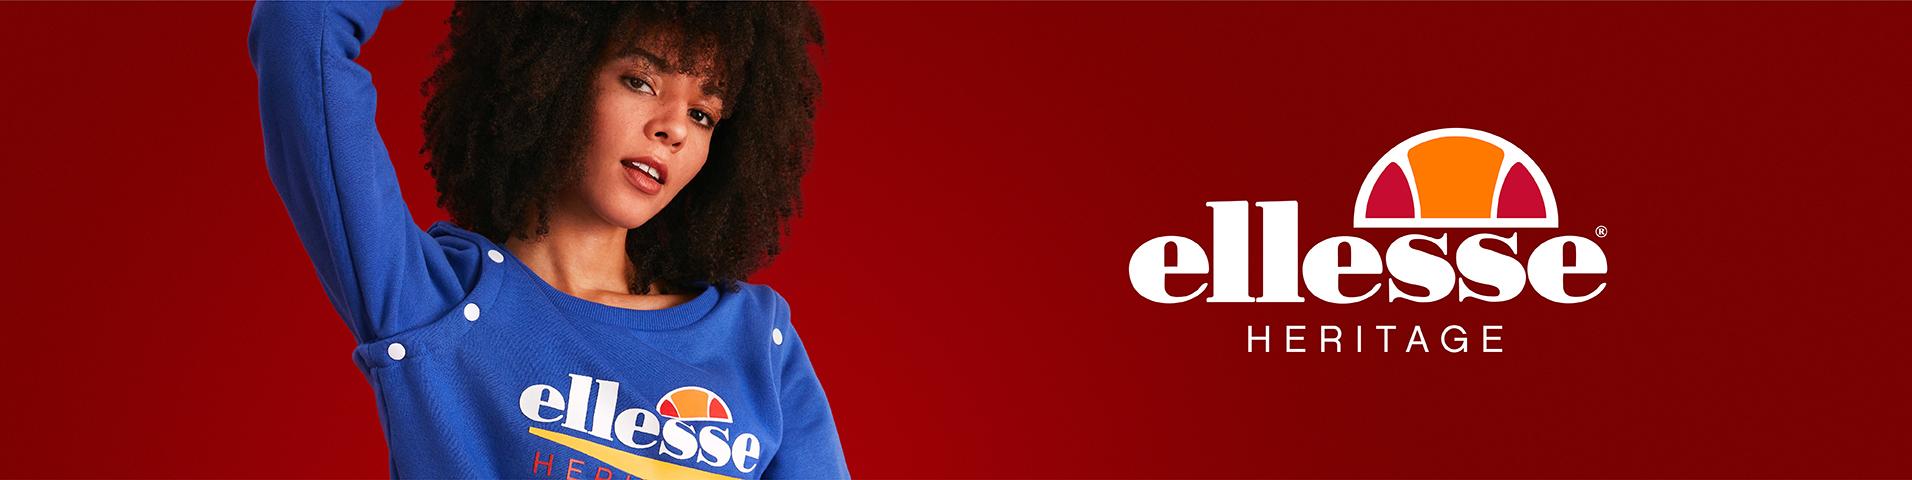 Pullover   Strickjacken von Ellesse · SweatjackenSweatshirtsKapuzenpullover Fleecepullover 4097cc8c72